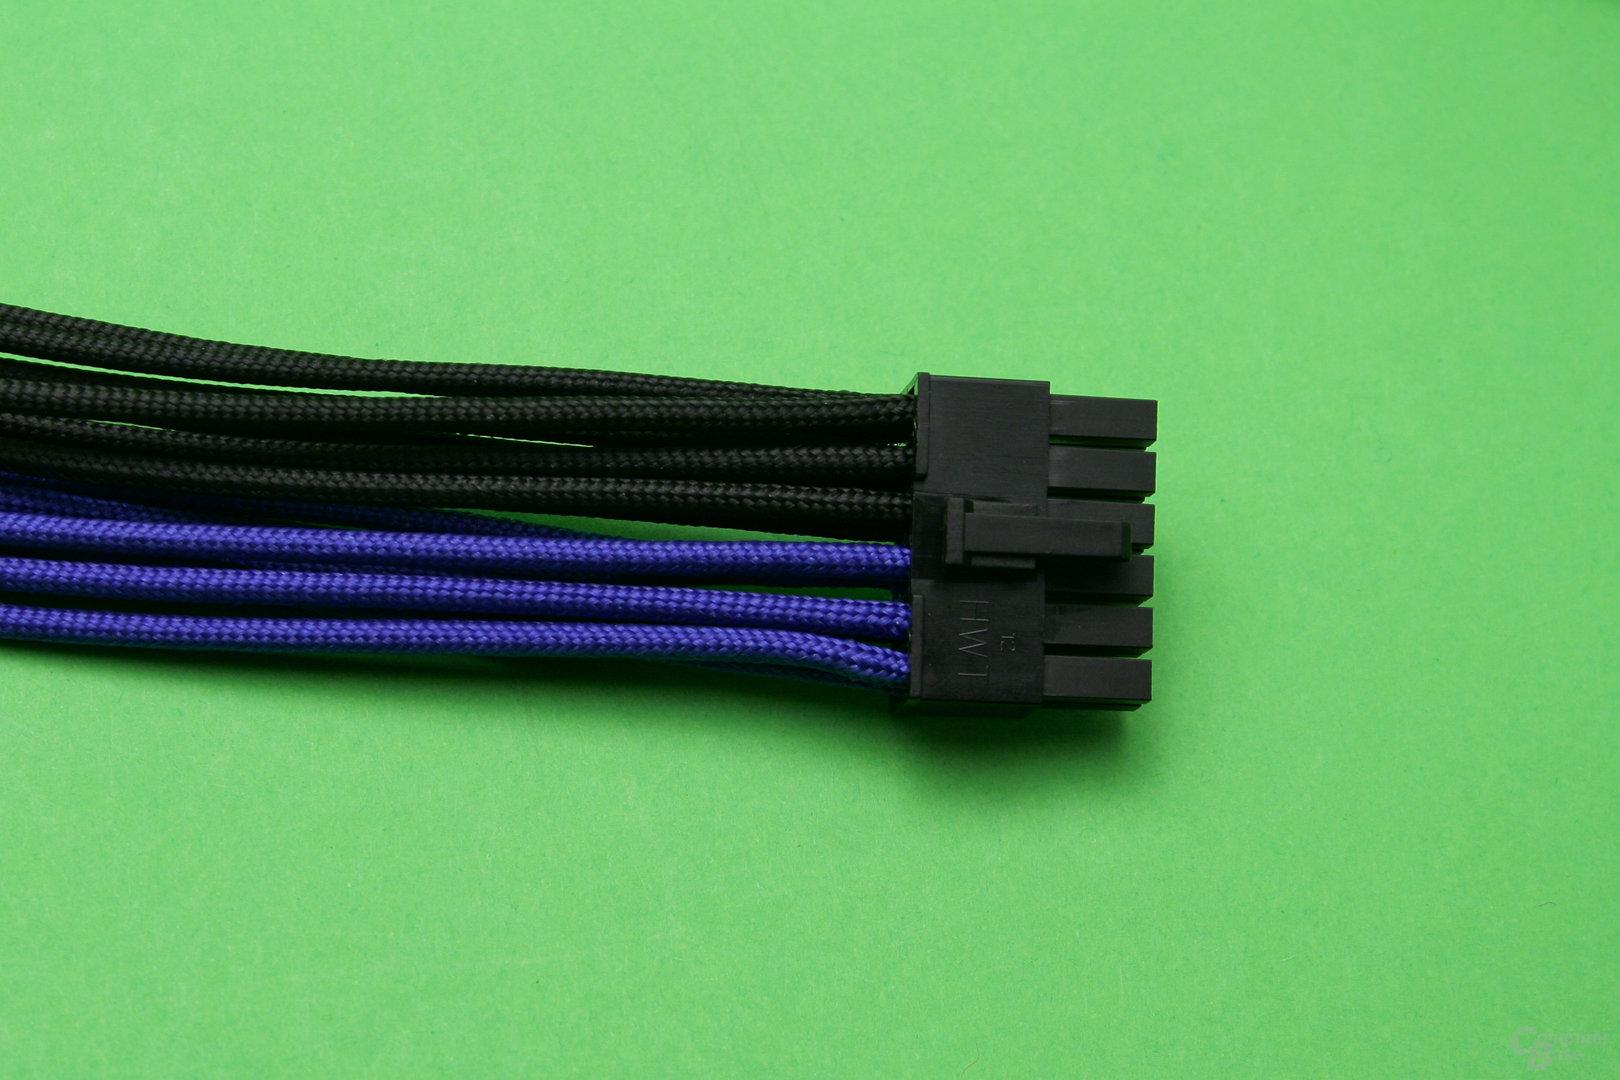 CableMod PCIe-Anschlusskabel: Netzteilstecker